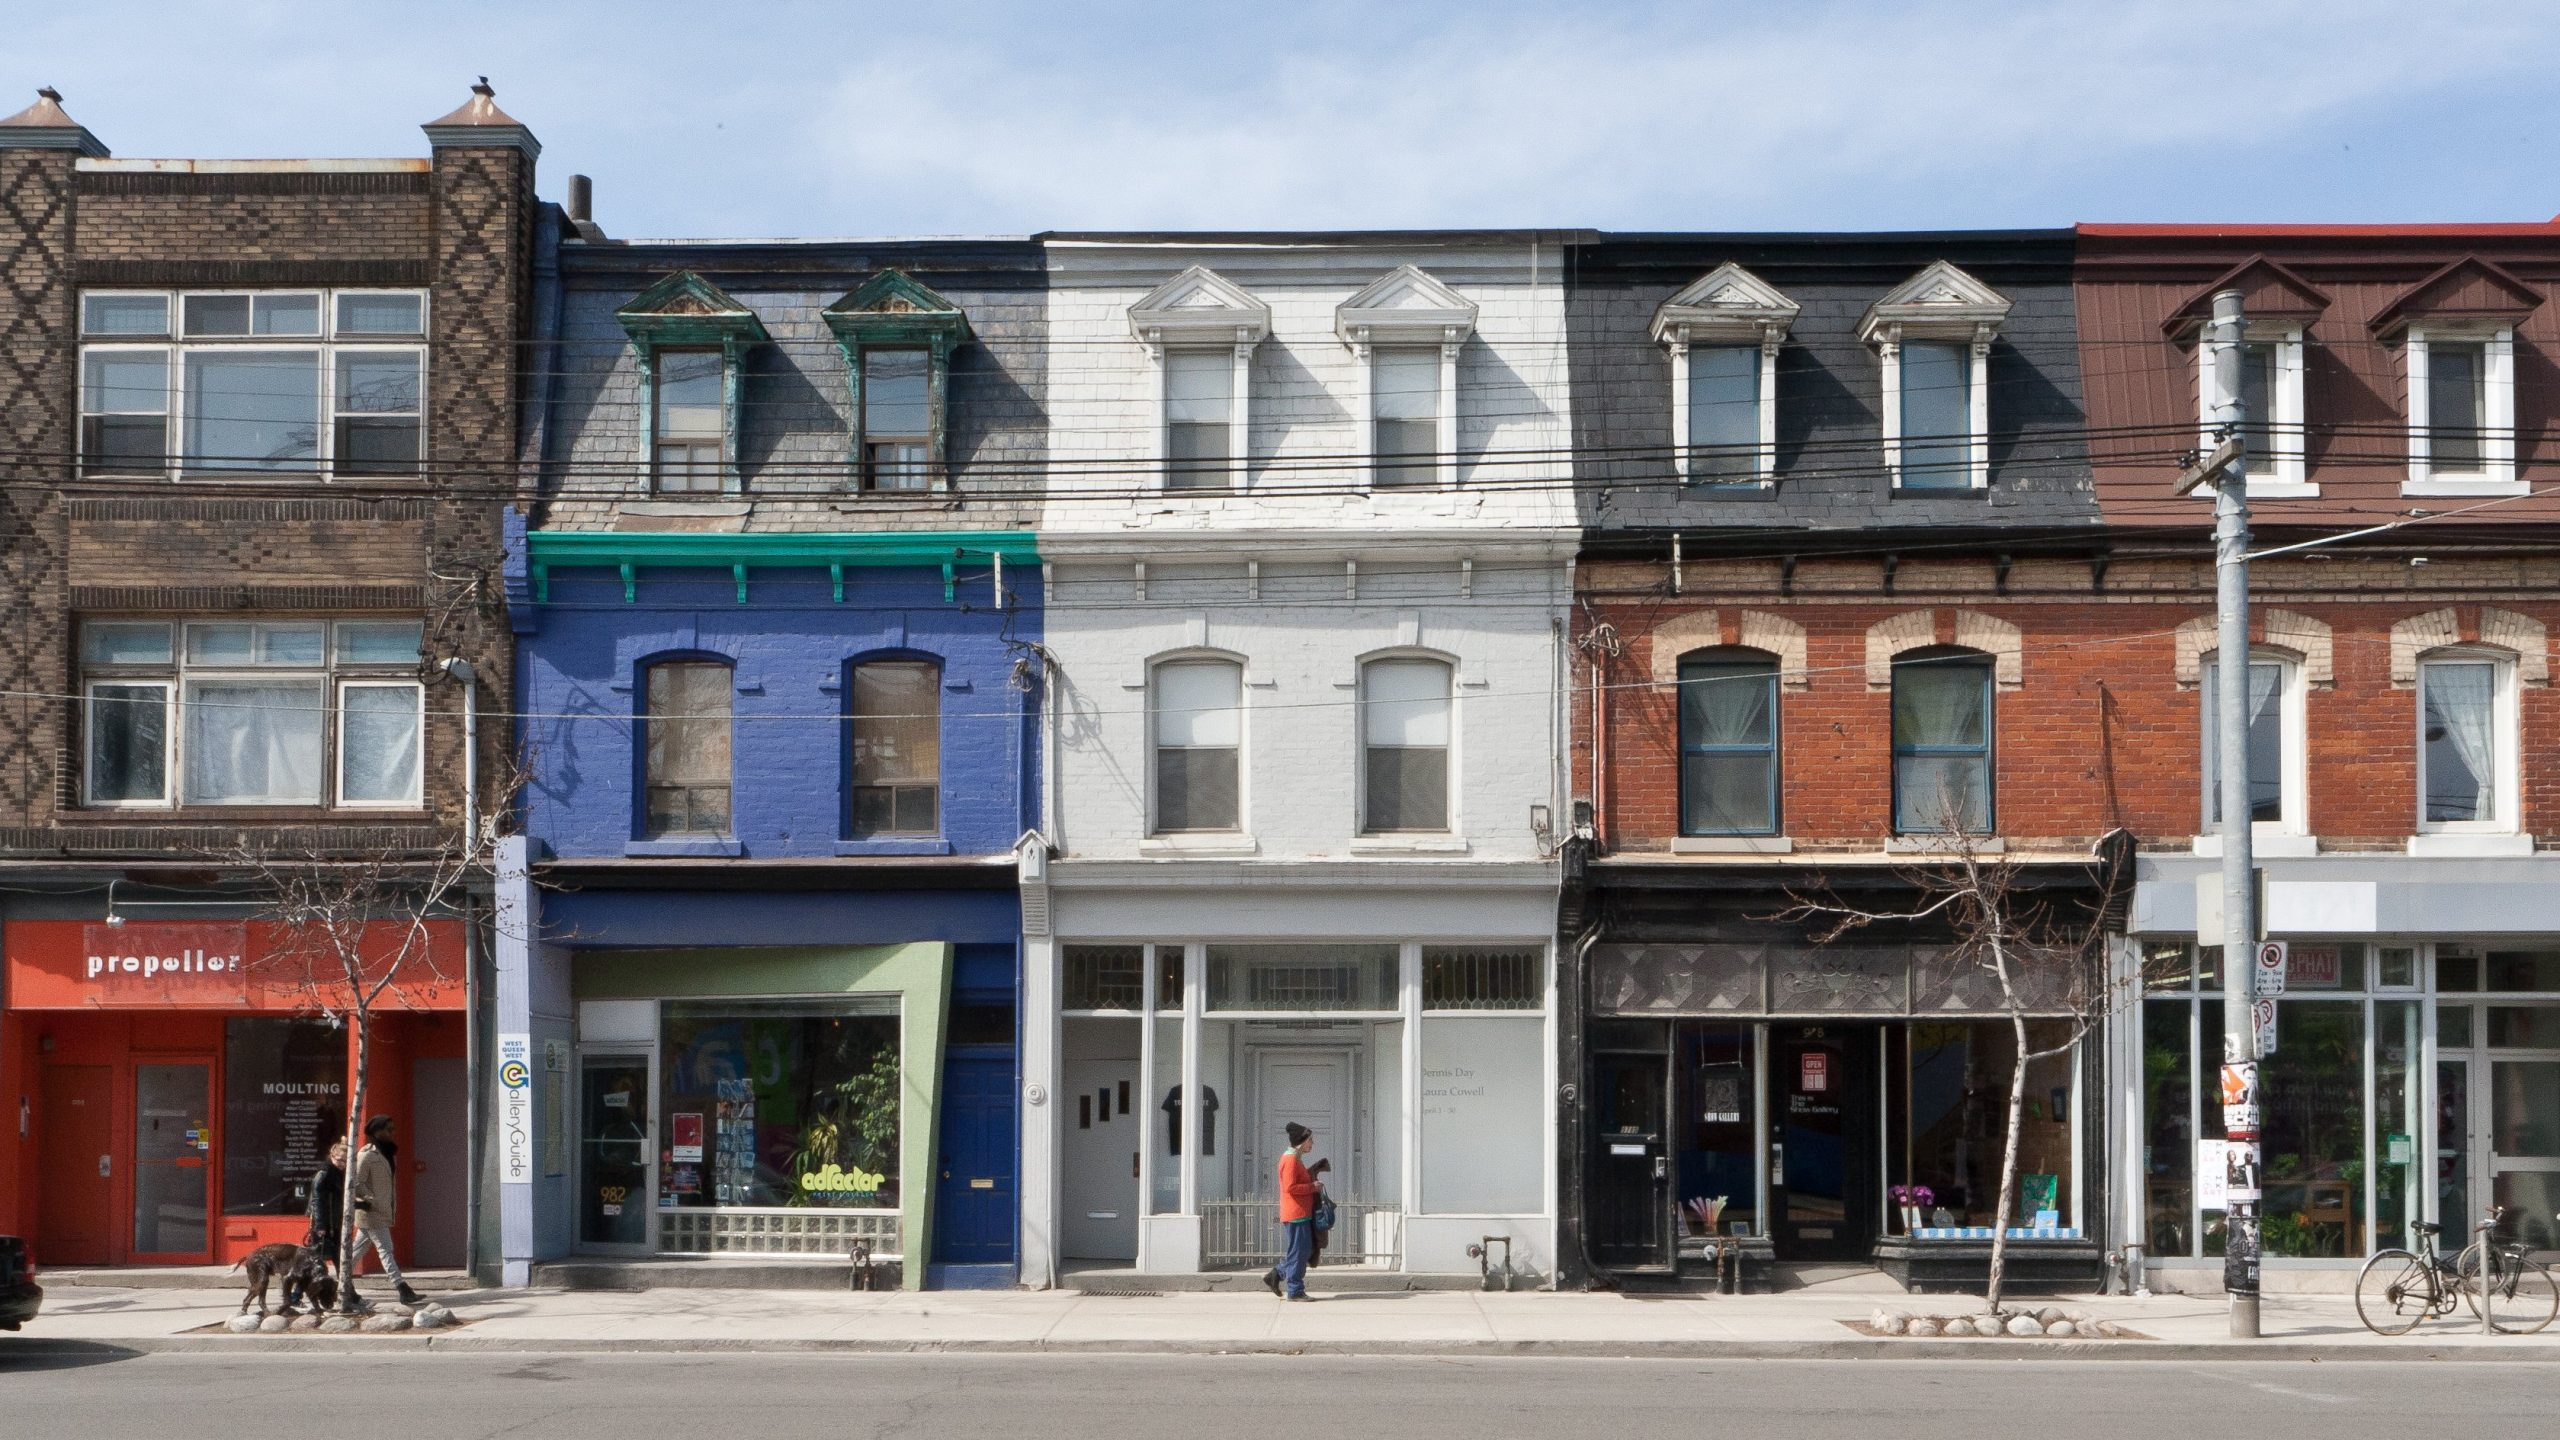 April 2011 Street View